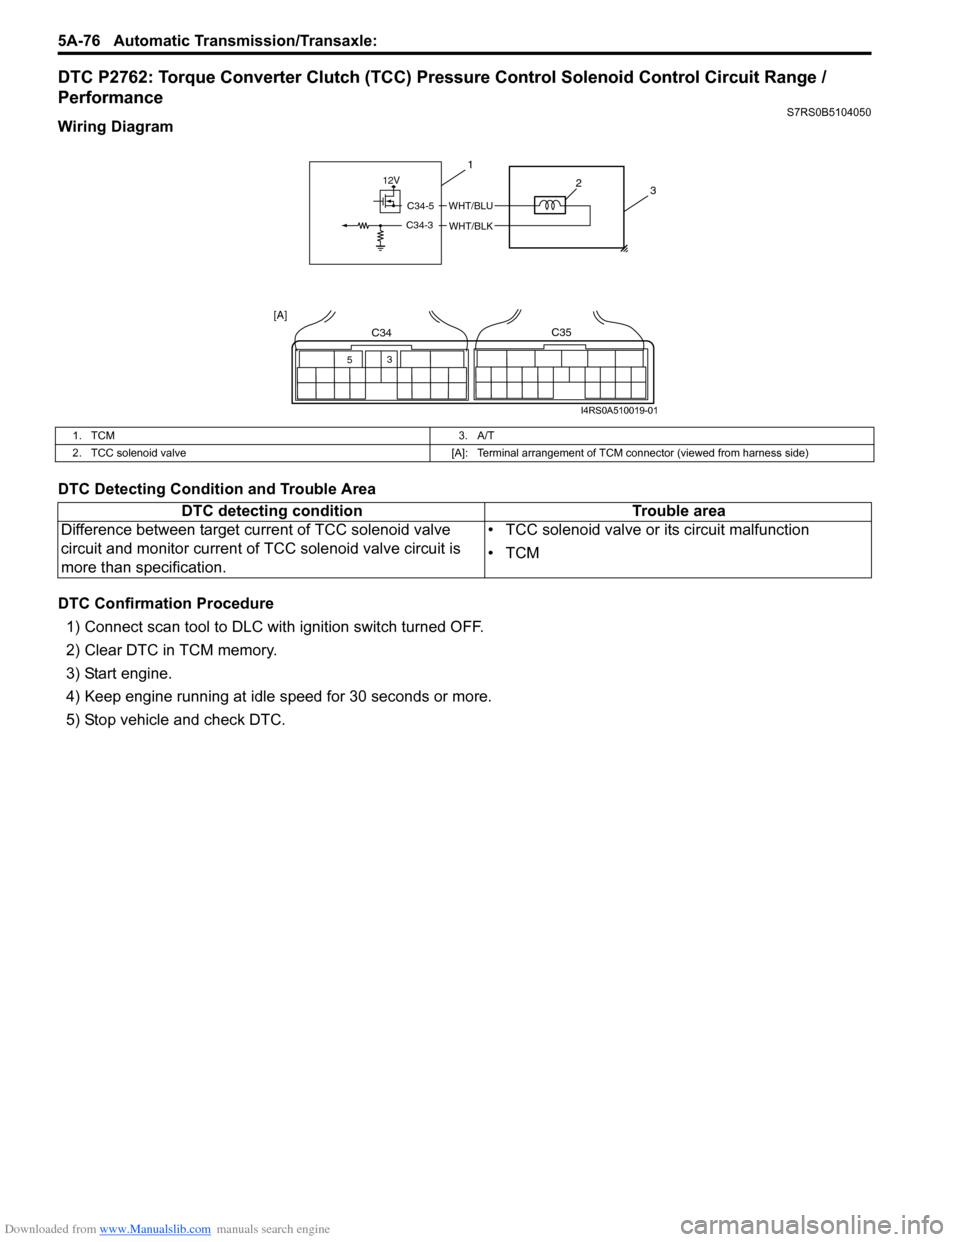 Suzuki Swift 2007 2g Service Workshop Manual 700r Torque Converter Wiring Diagram G Page 720